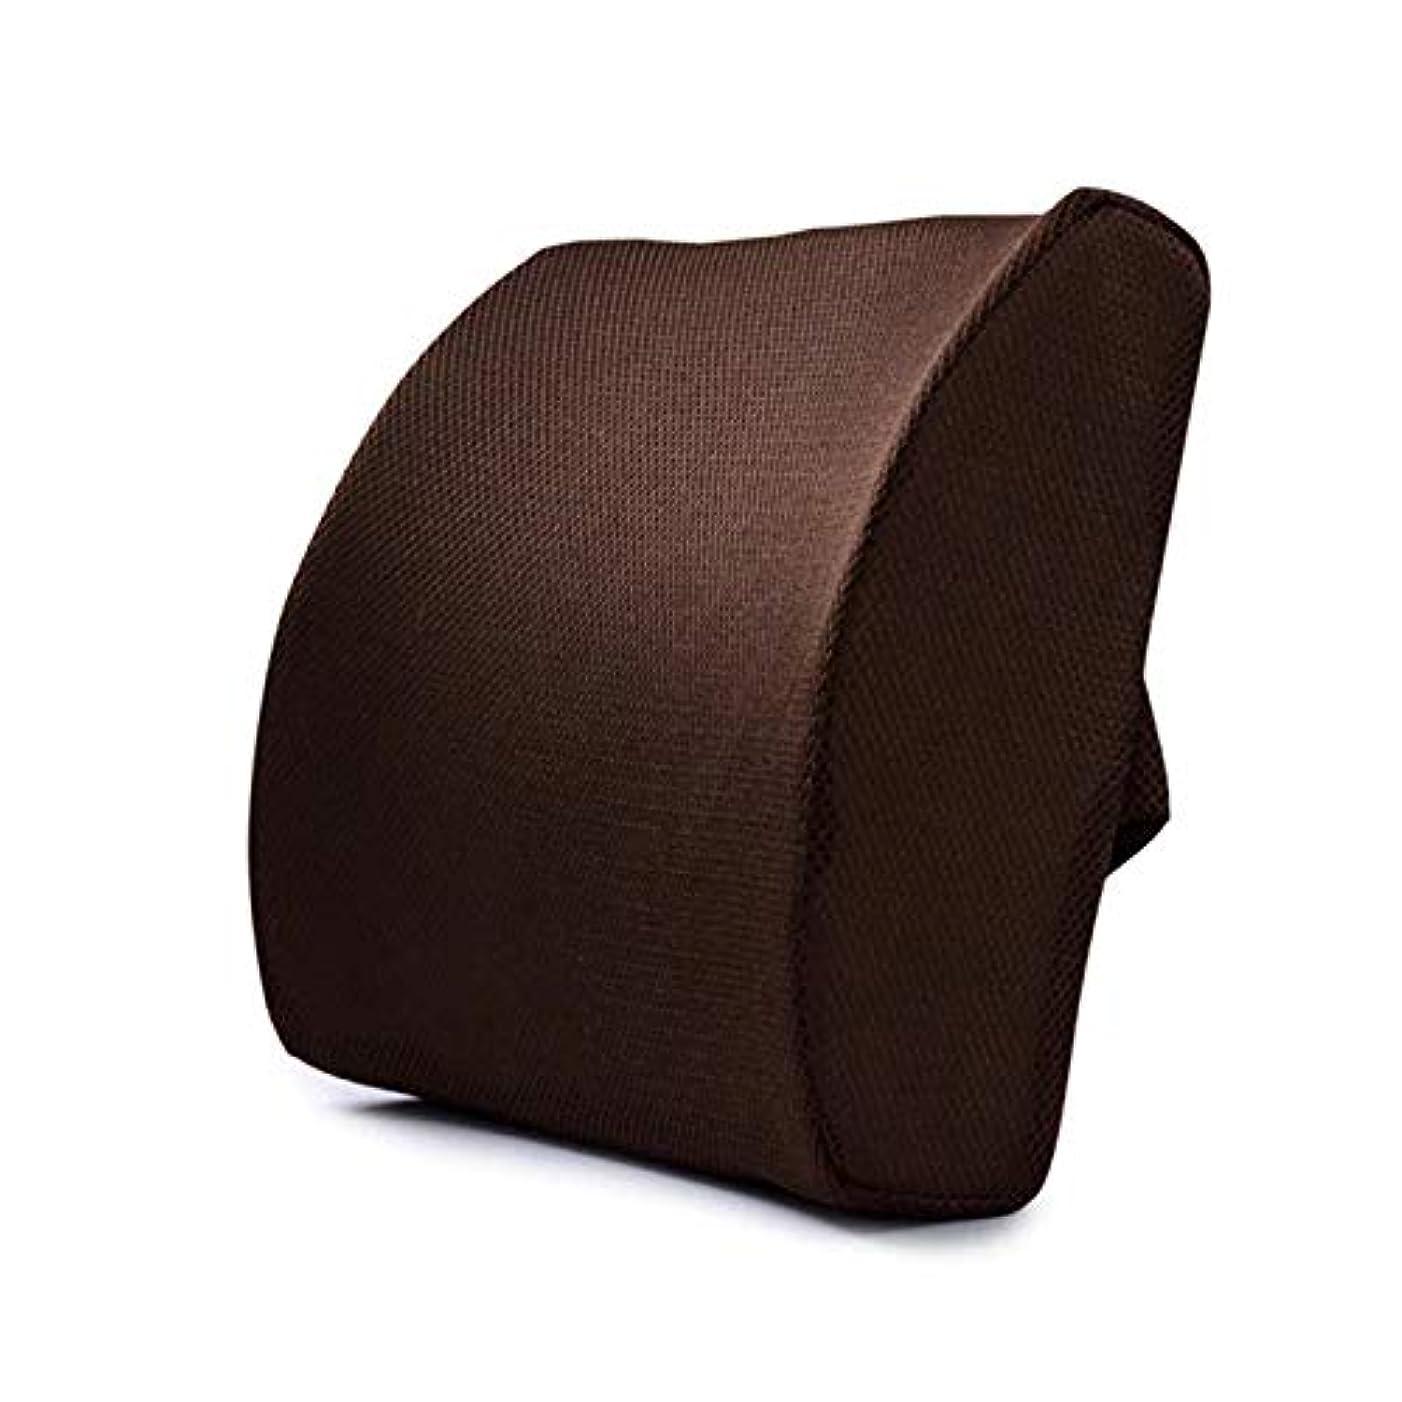 孤独タンザニア朝ごはんLIFE ホームオフィス背もたれ椅子腰椎クッションカーシートネック枕 3D 低反発サポートバックマッサージウエストレスリビング枕 クッション 椅子